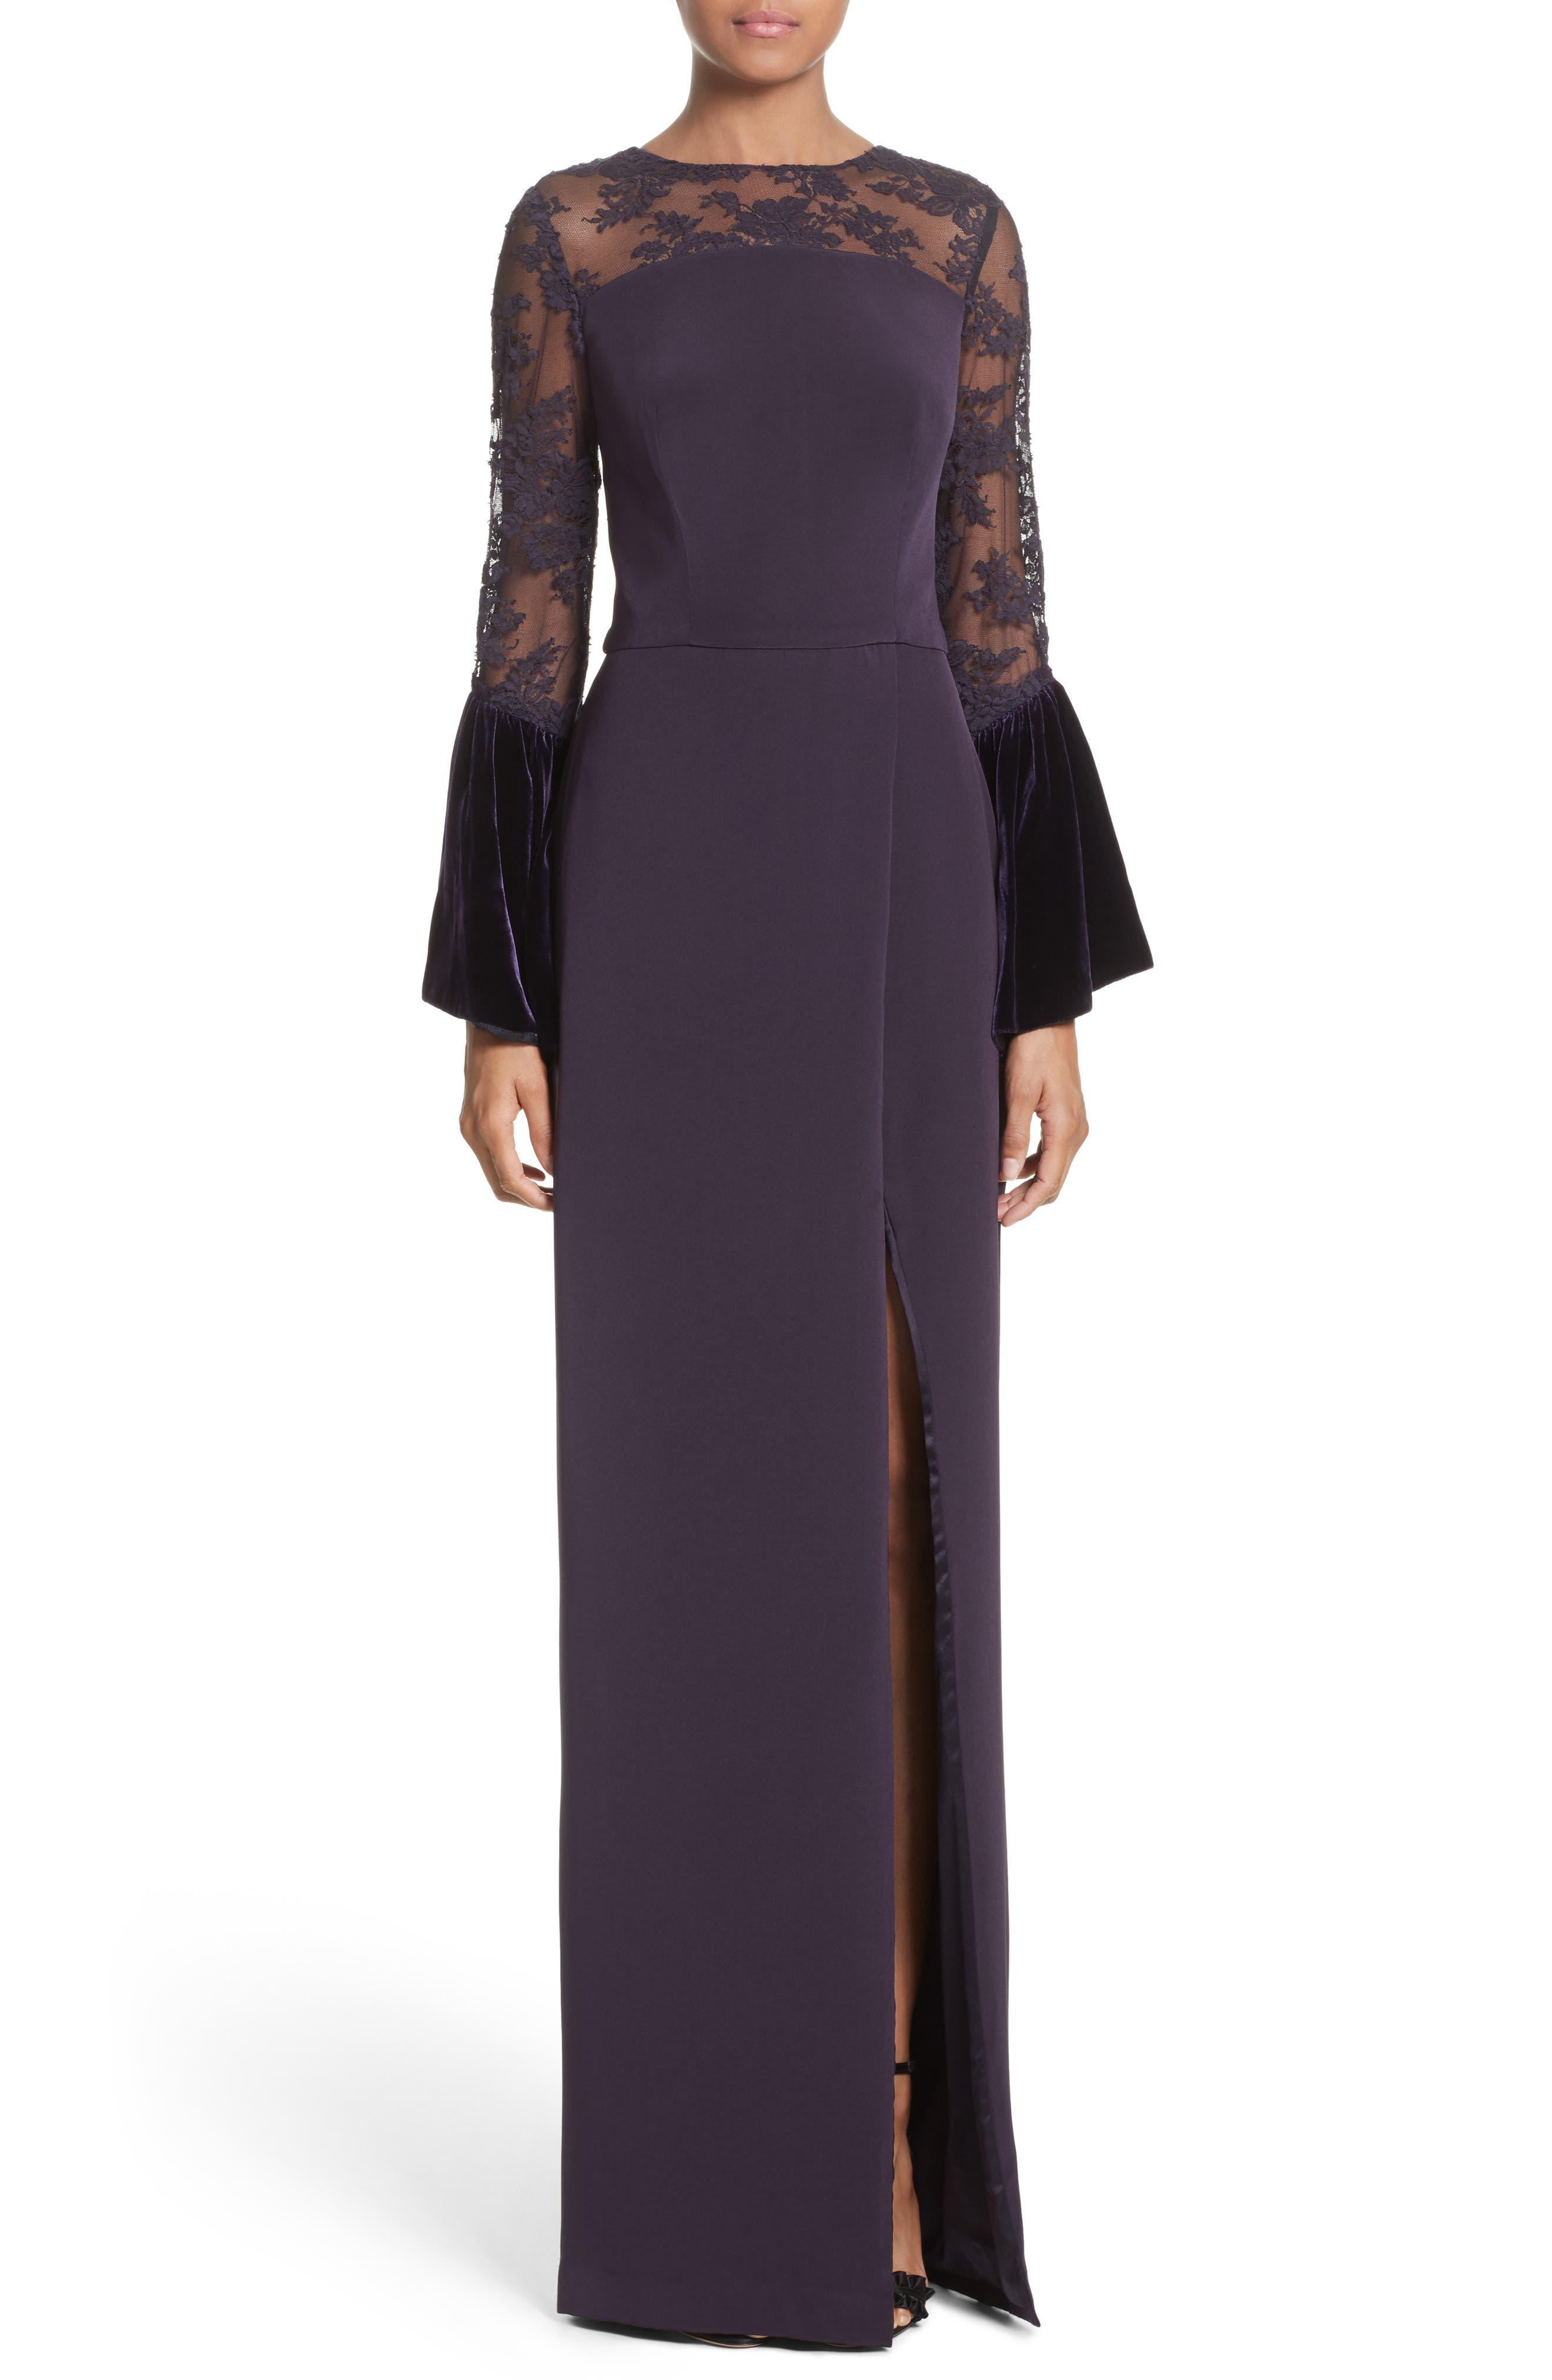 Alternate Image 1 Selected - Monique Lhuillier Lace & Velvet Trim Crepe Gown